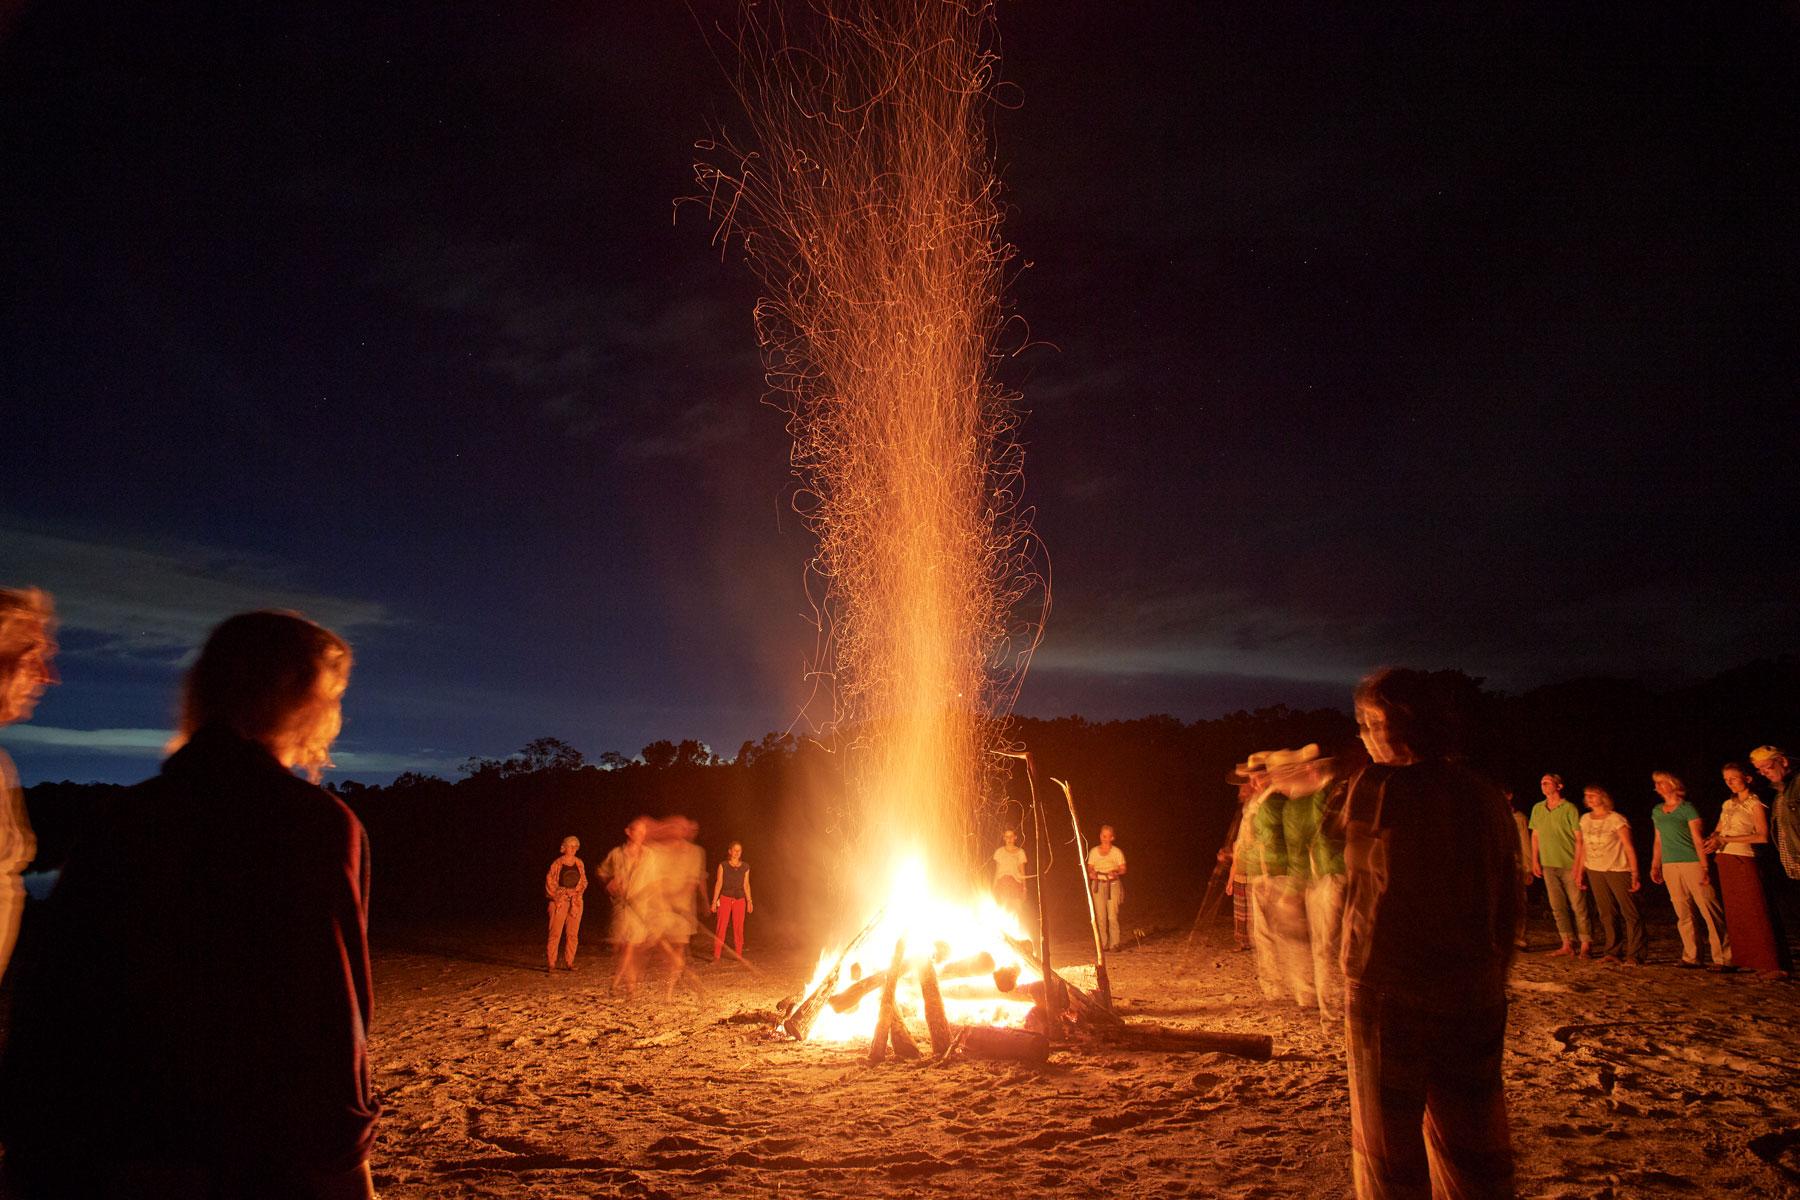 Bild eines großen loderndes Feuers mit dunkelblauem Wolkenhimmel und drumherum stehenden Menschen